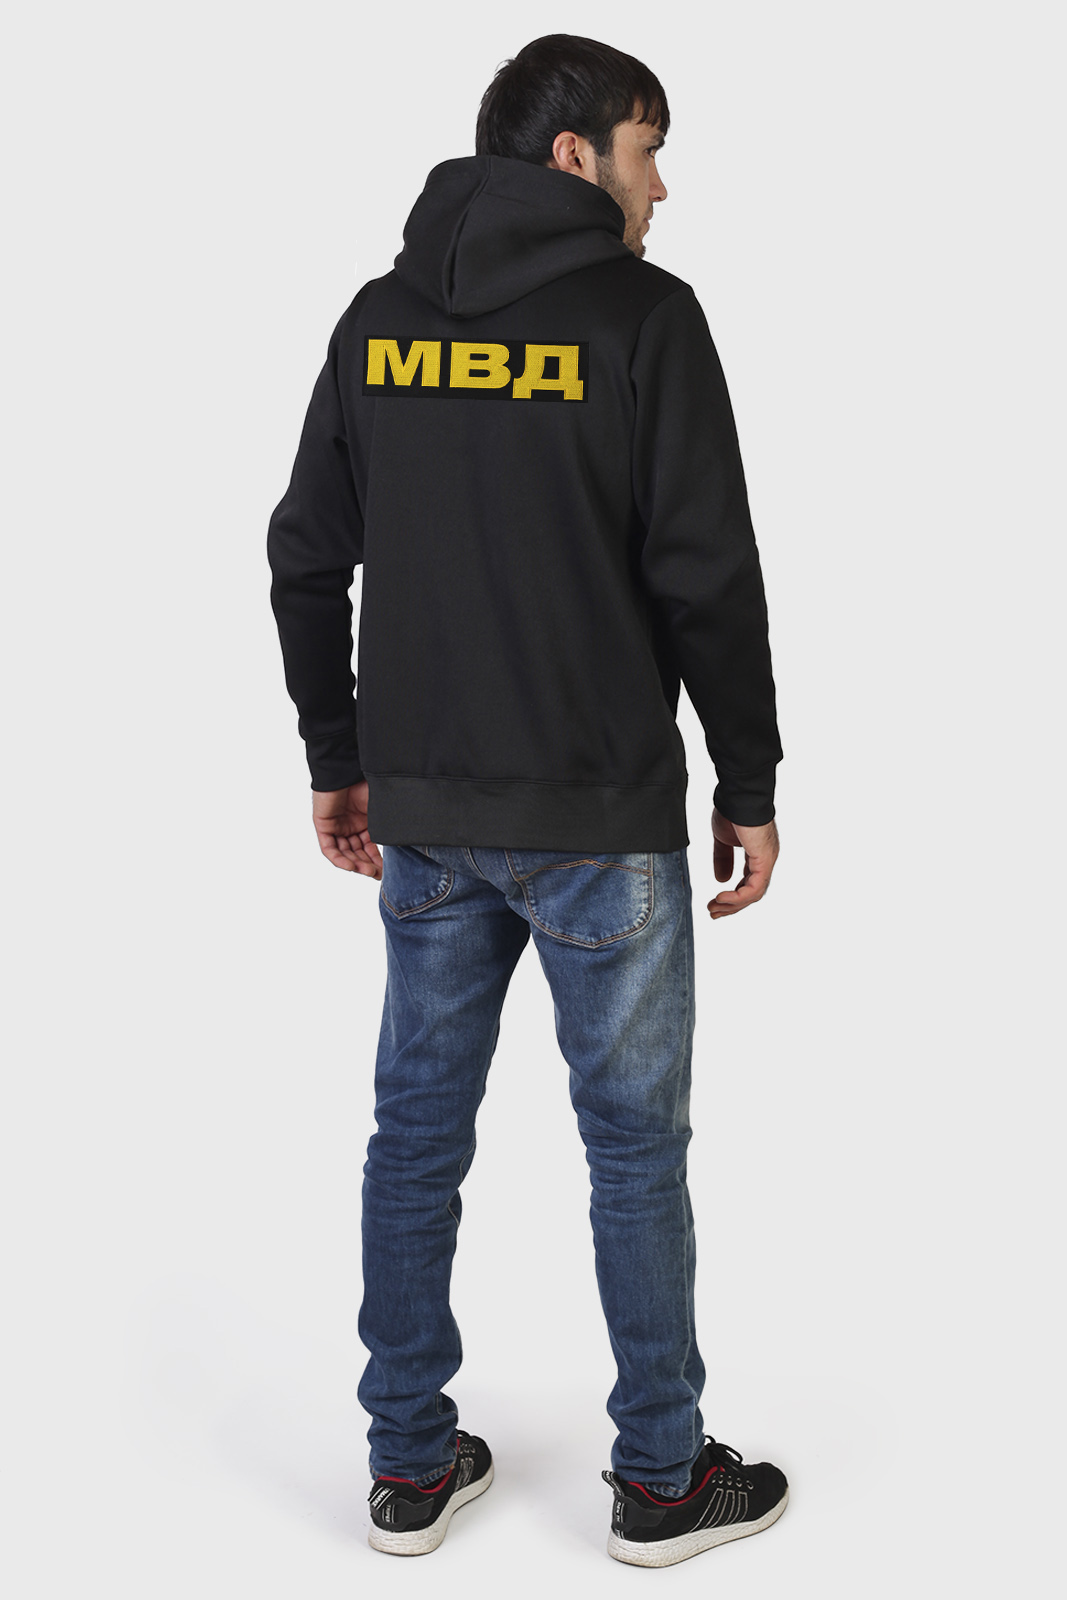 Черная крутая толстовка с символикой ОДОН ВВ МВД на груди и спине - купить в розницу